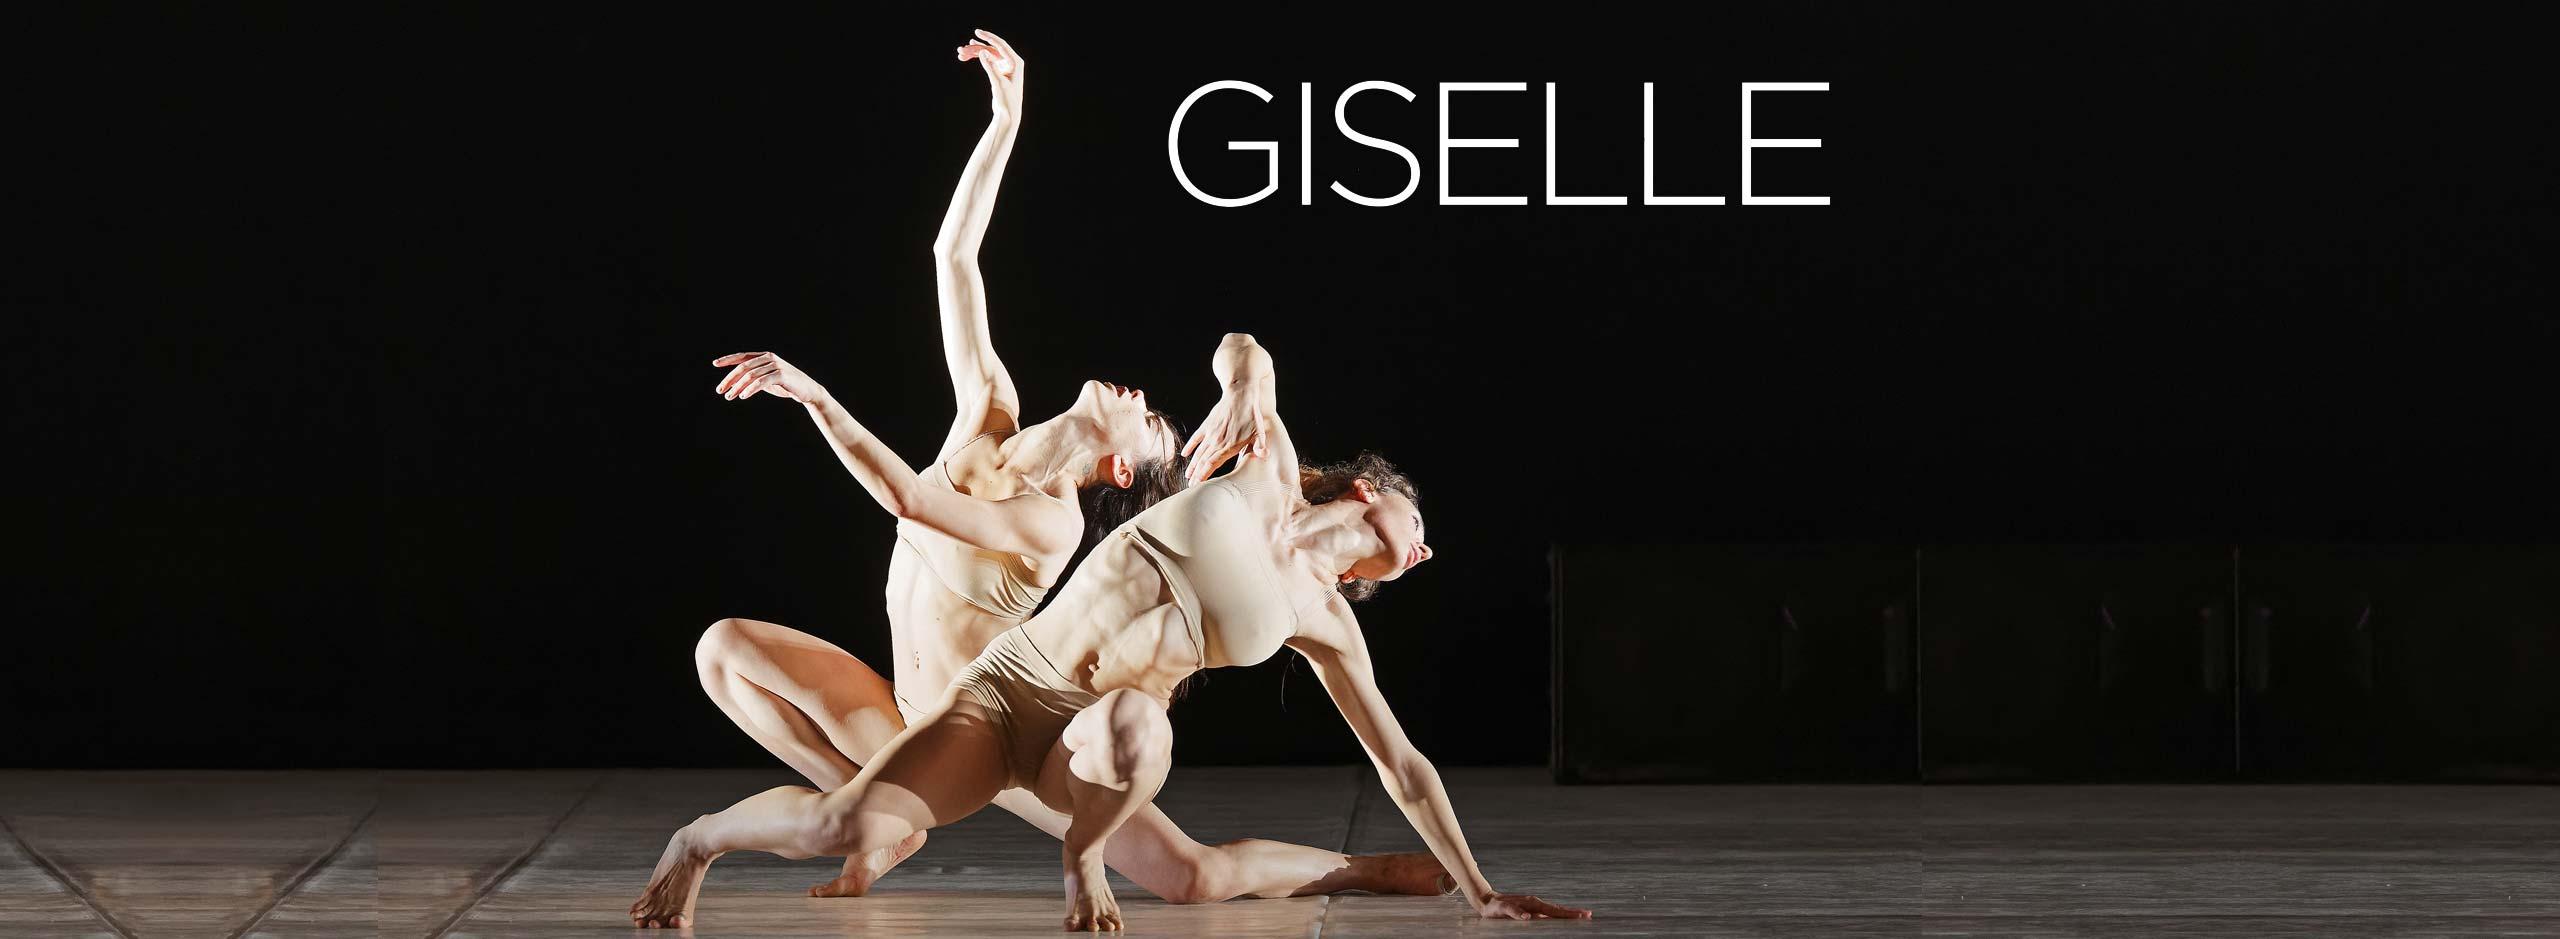 Balletto di Roma | Giselle al Teatro Vascello | Nei Teatri di Roma 2018-19